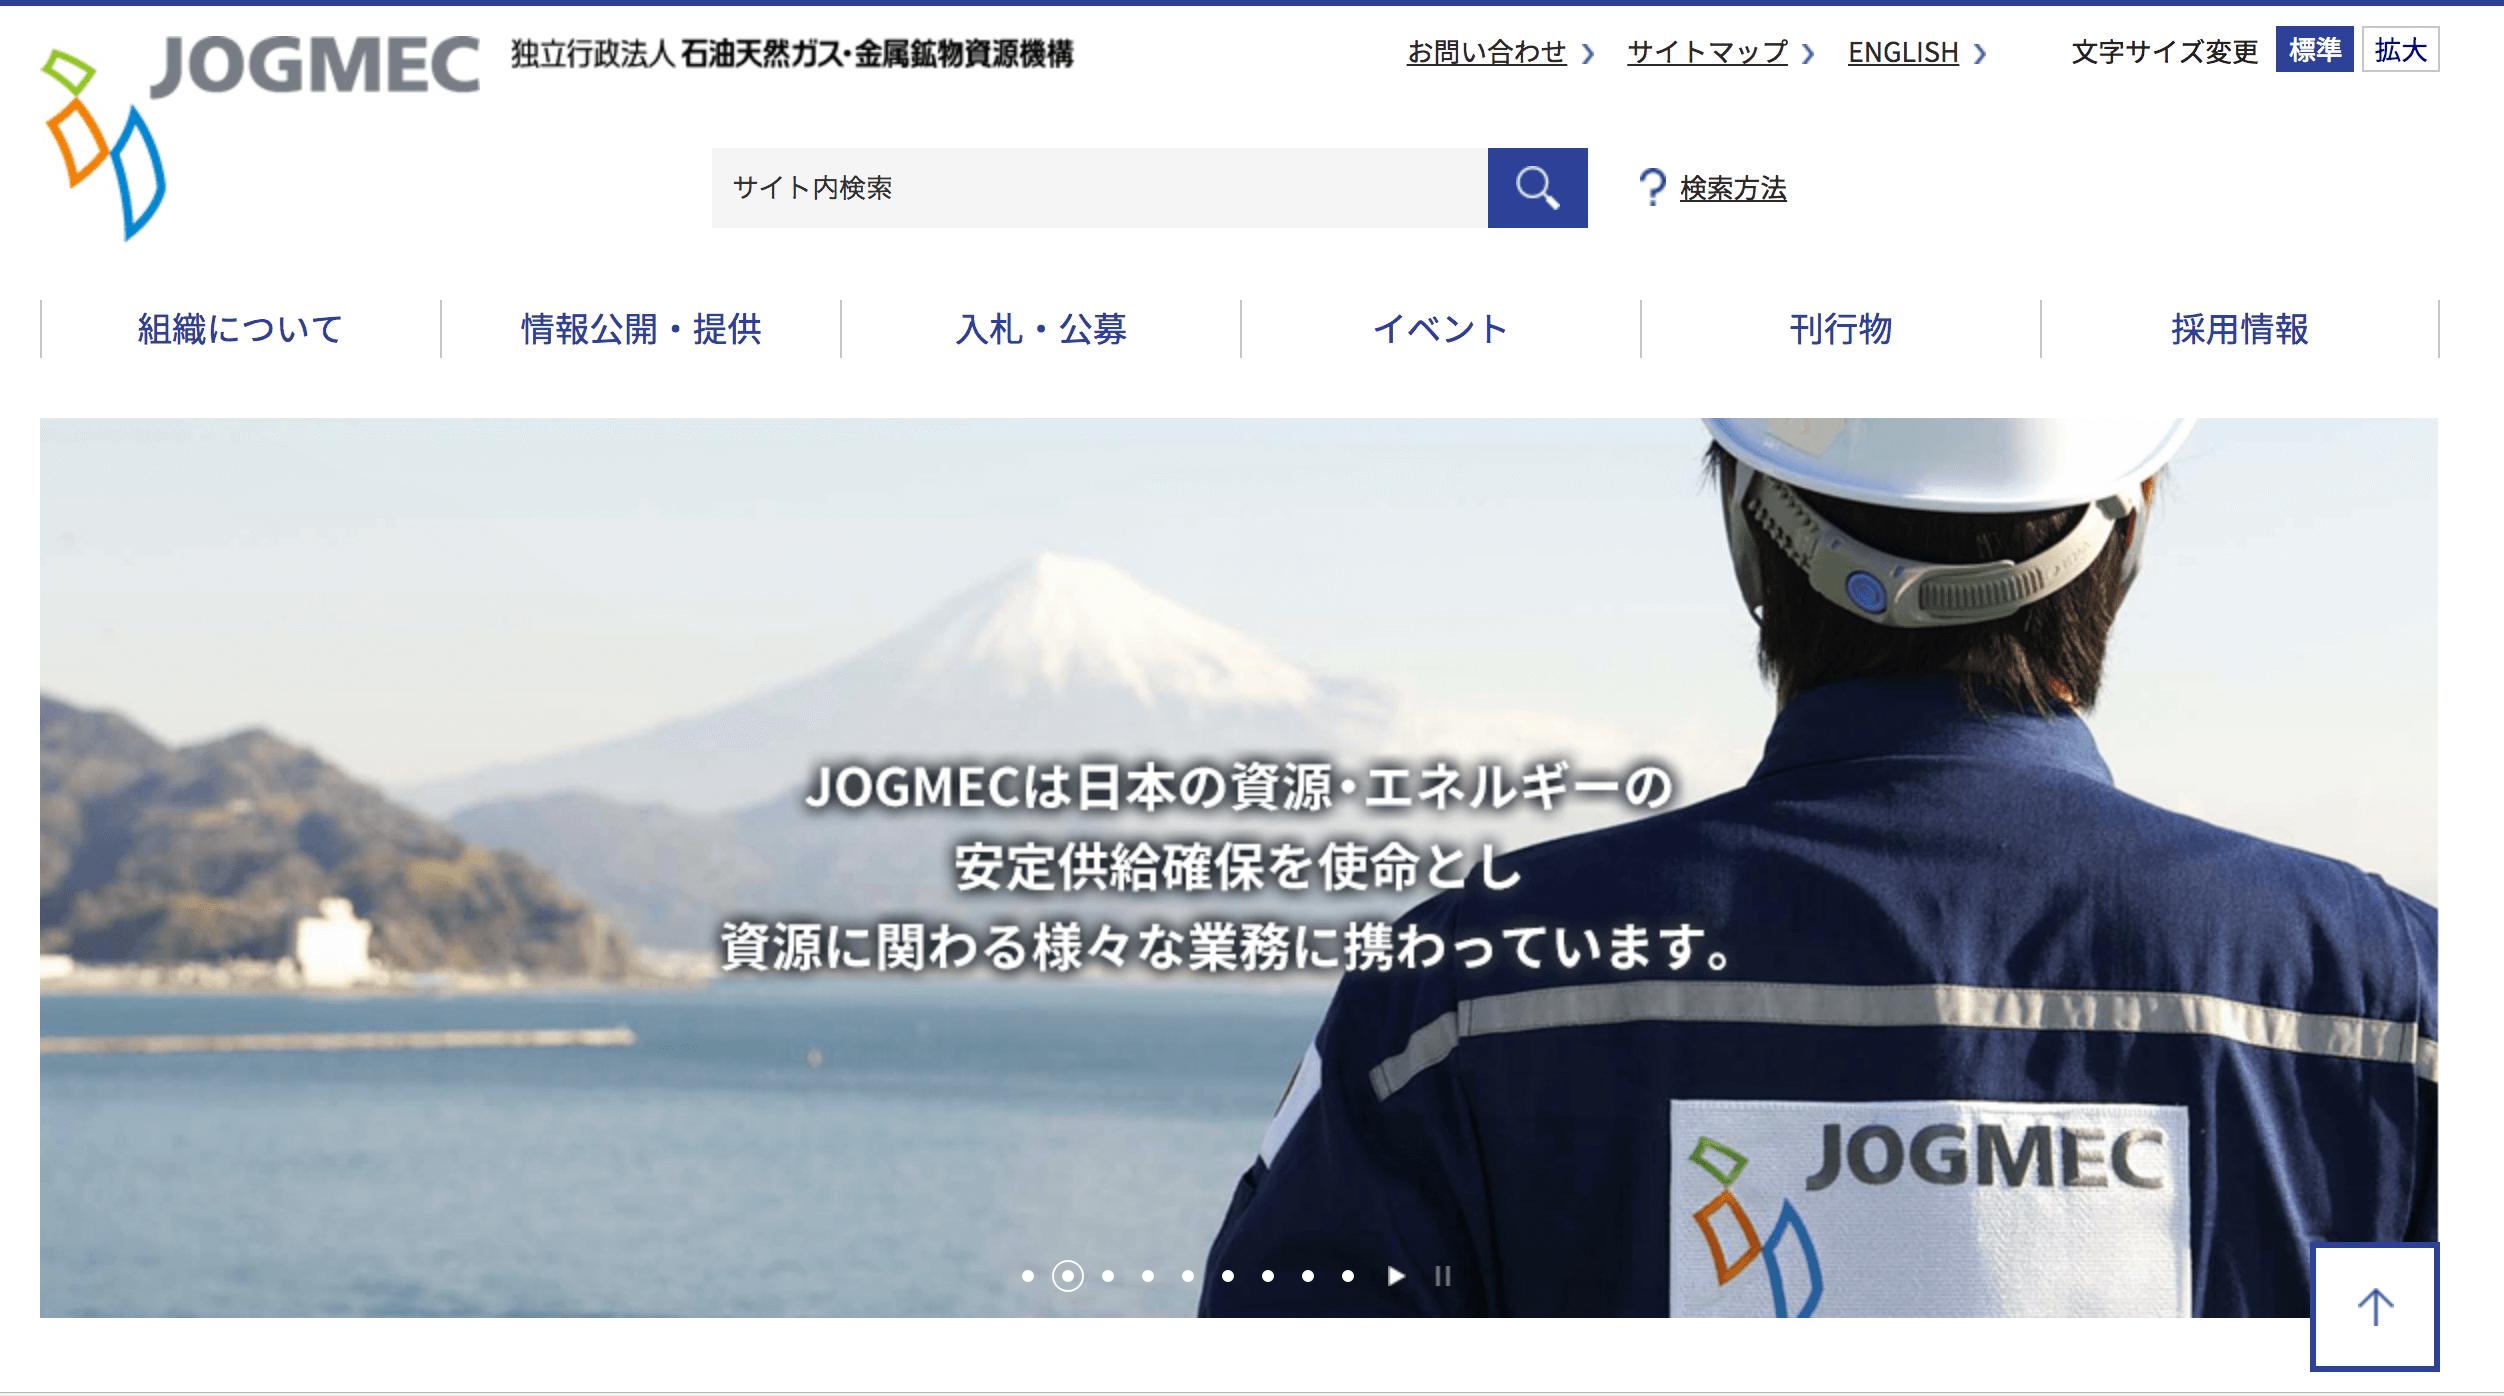 日本の「JOGMEC」 中国・国家石油備蓄センターと協定書